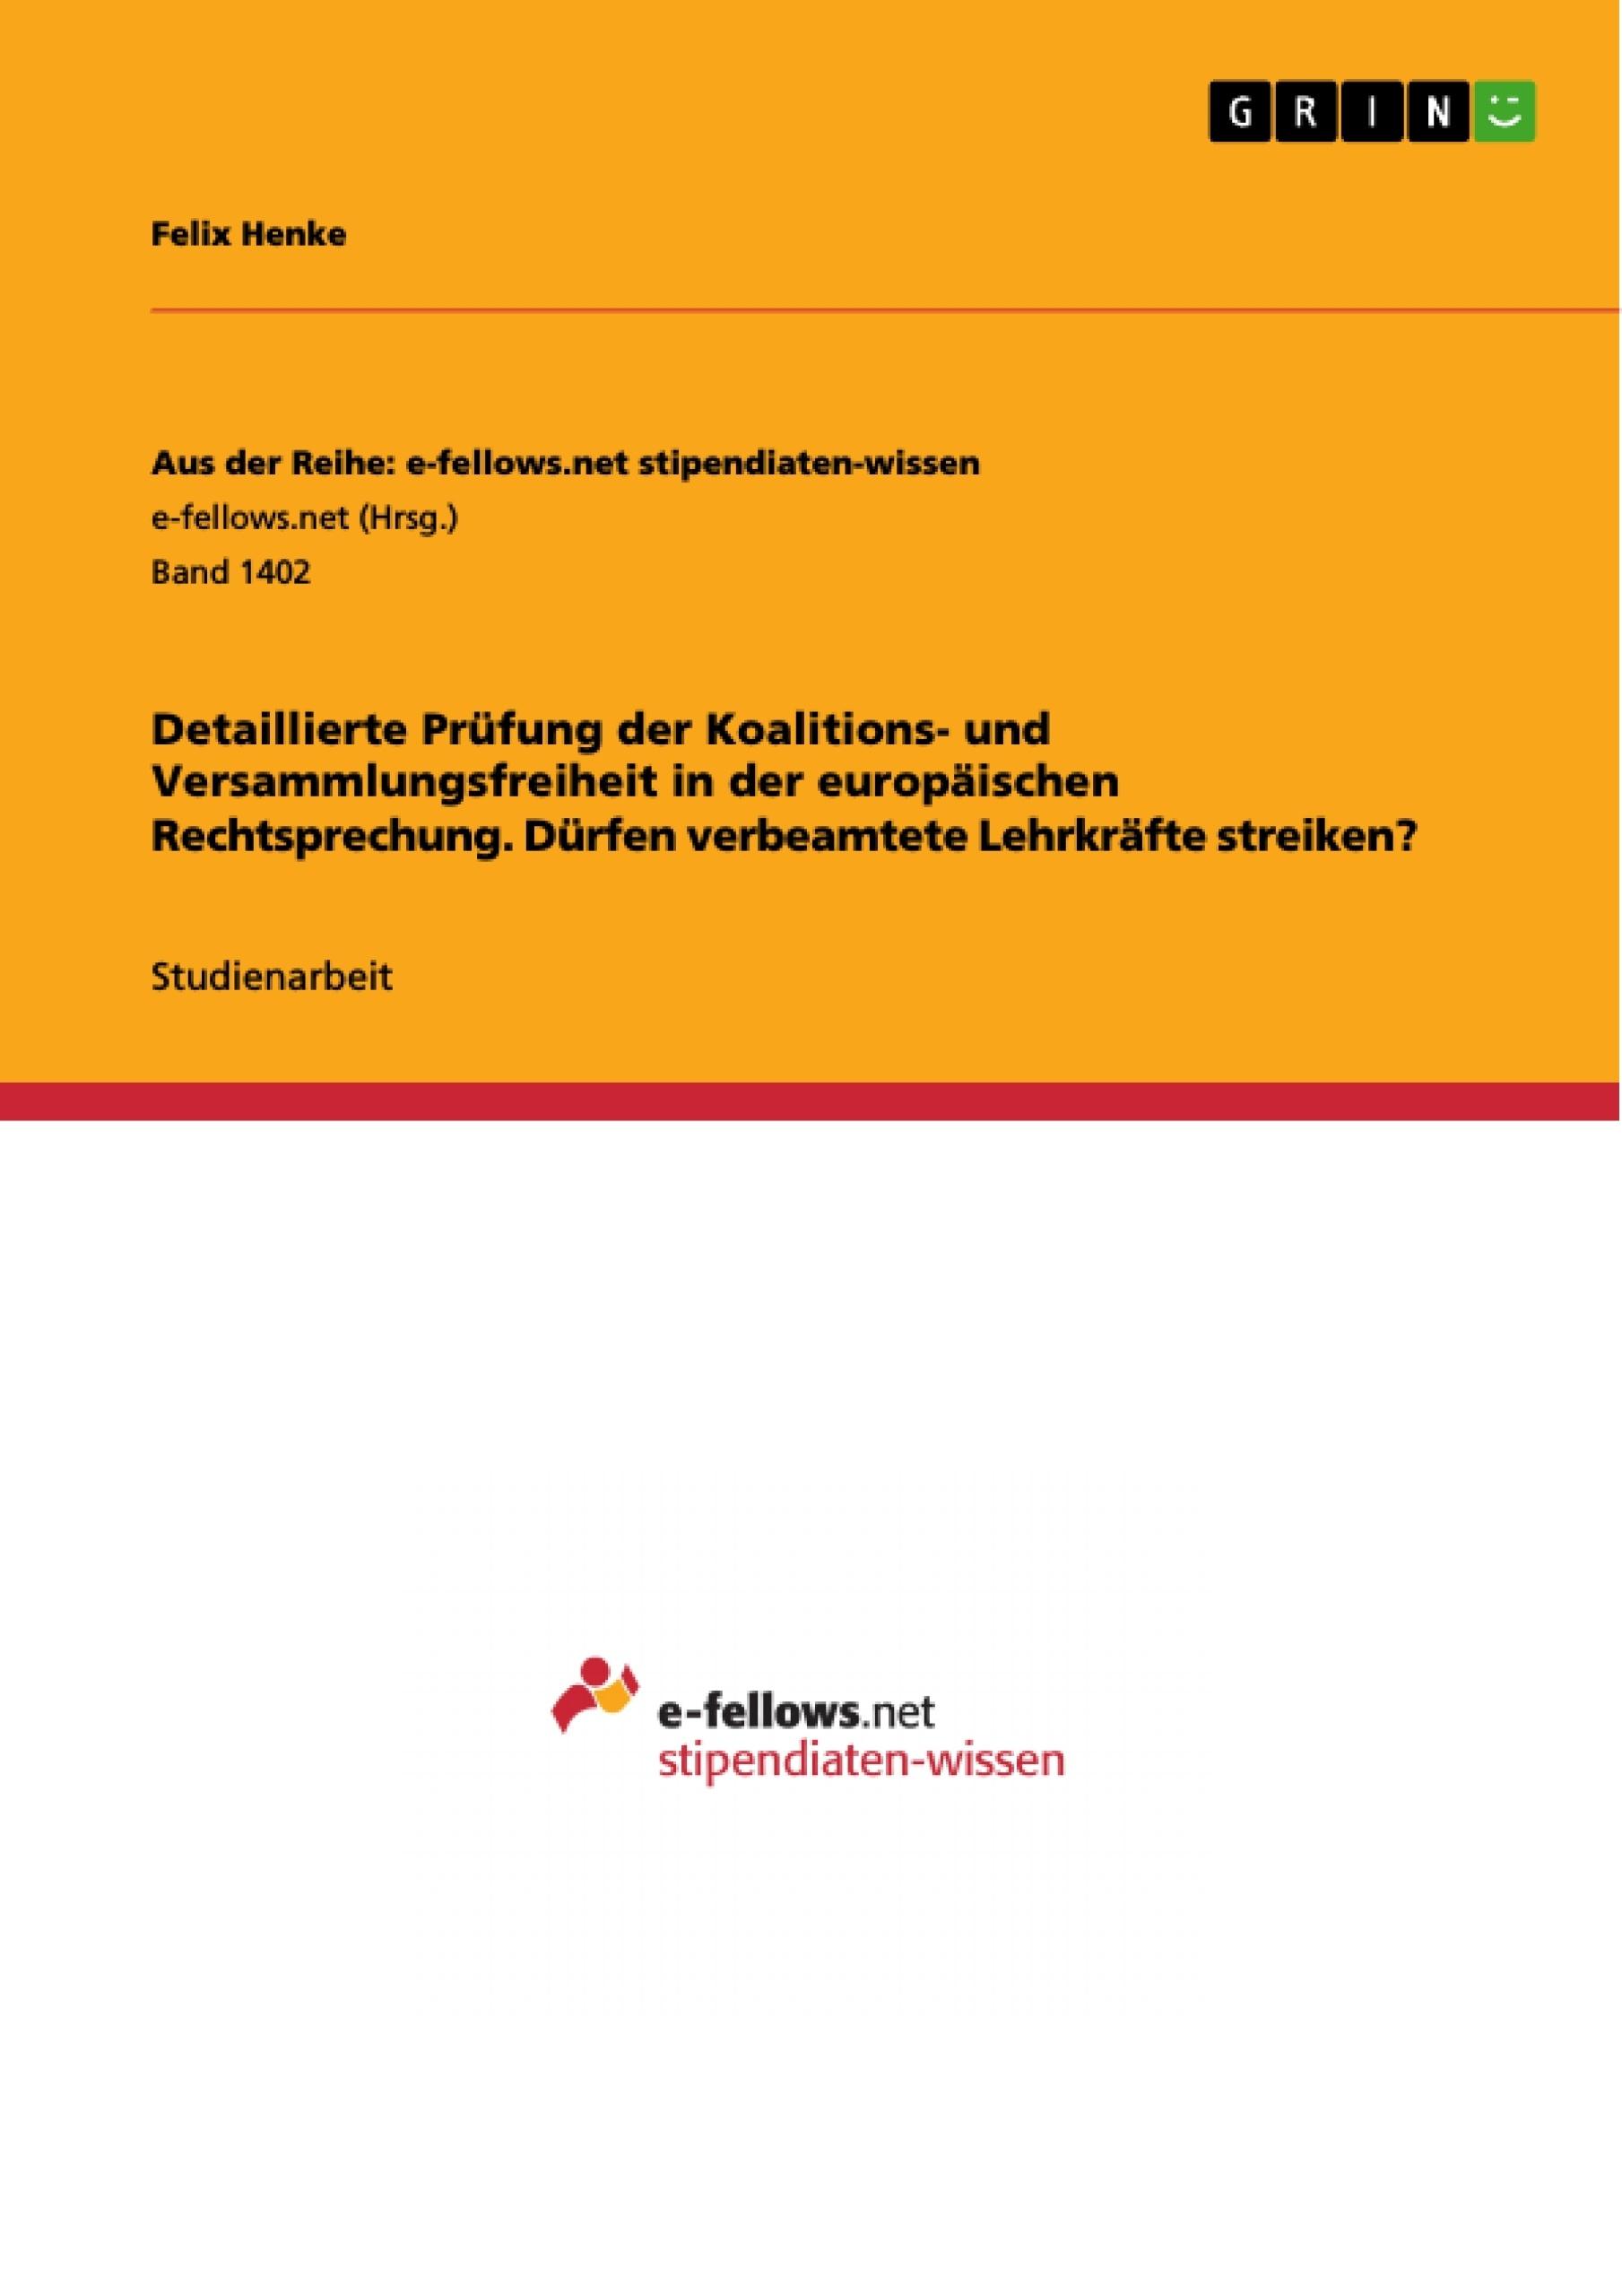 Titel: Detaillierte Prüfung der Koalitions- und Versammlungsfreiheit in der europäischen Rechtsprechung. Dürfen verbeamtete Lehrkräfte streiken?